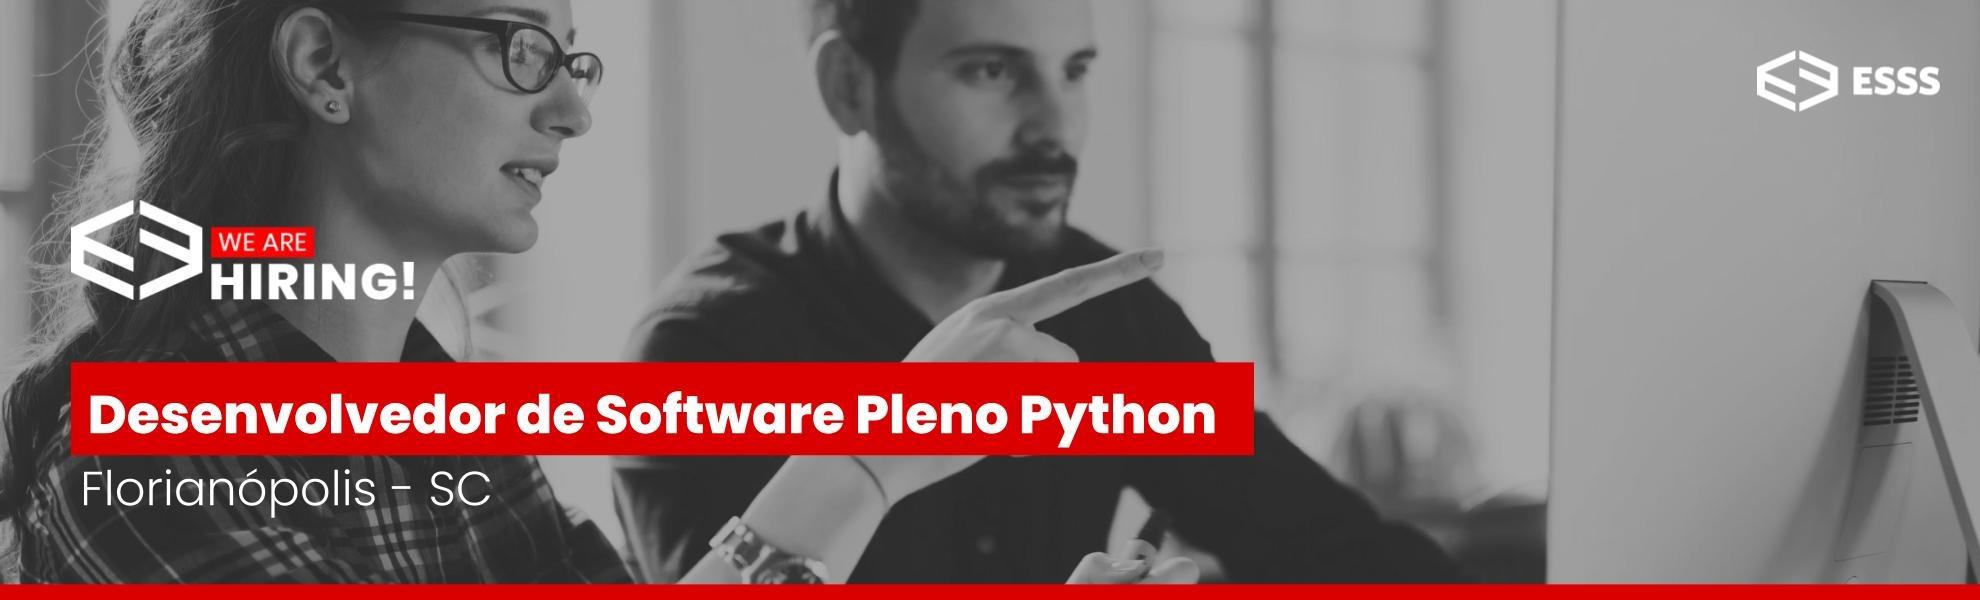 Desenvolvedor de Software Pleno Python